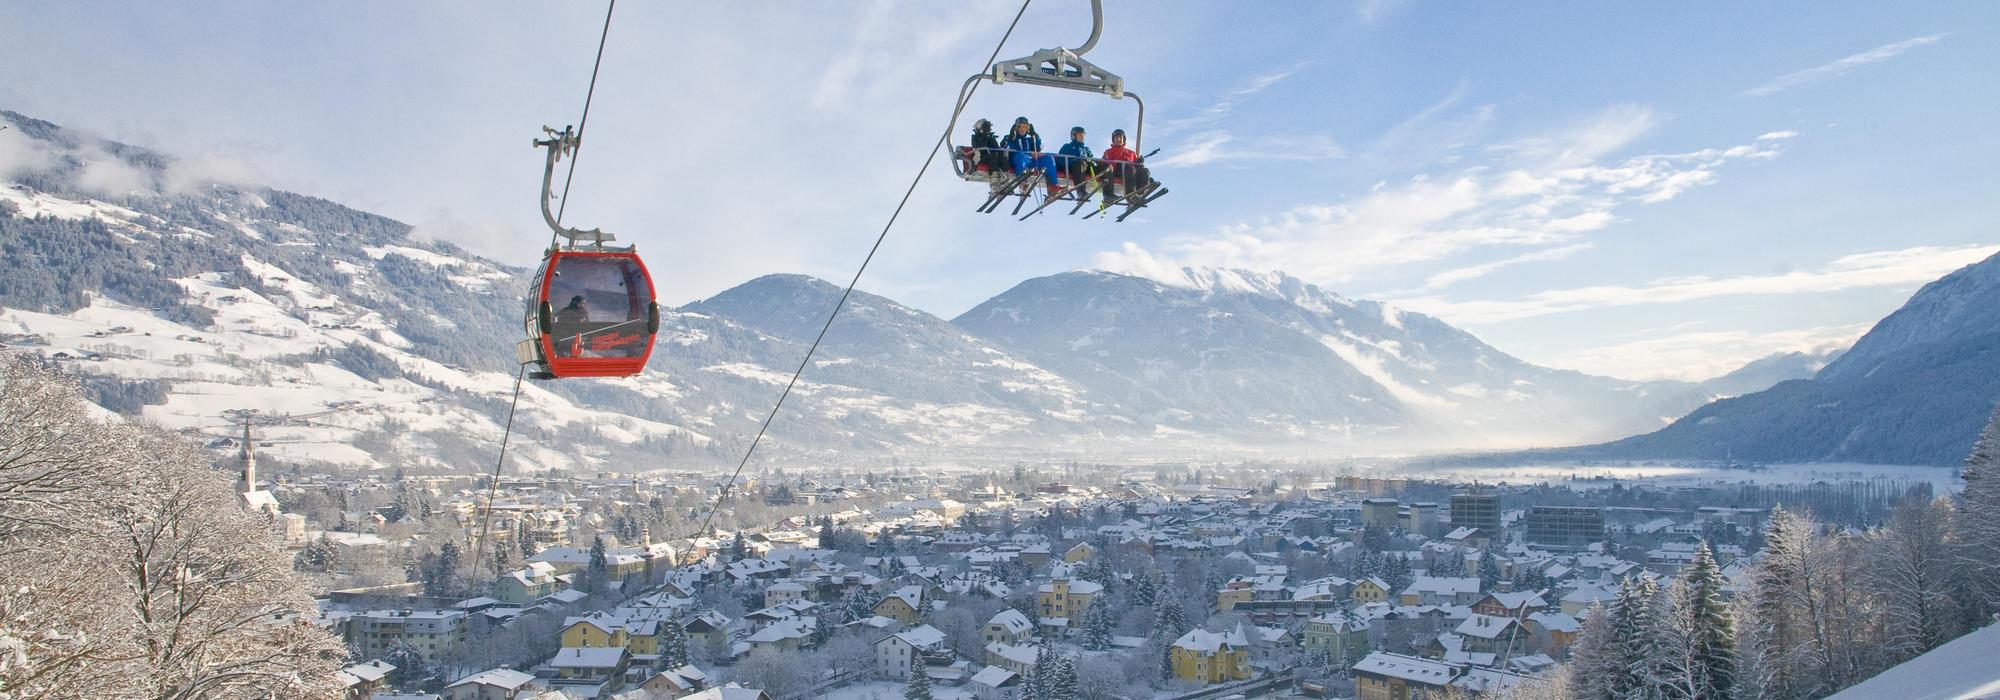 Hochstein   © TVB Osttirol / Zlöbl Armin